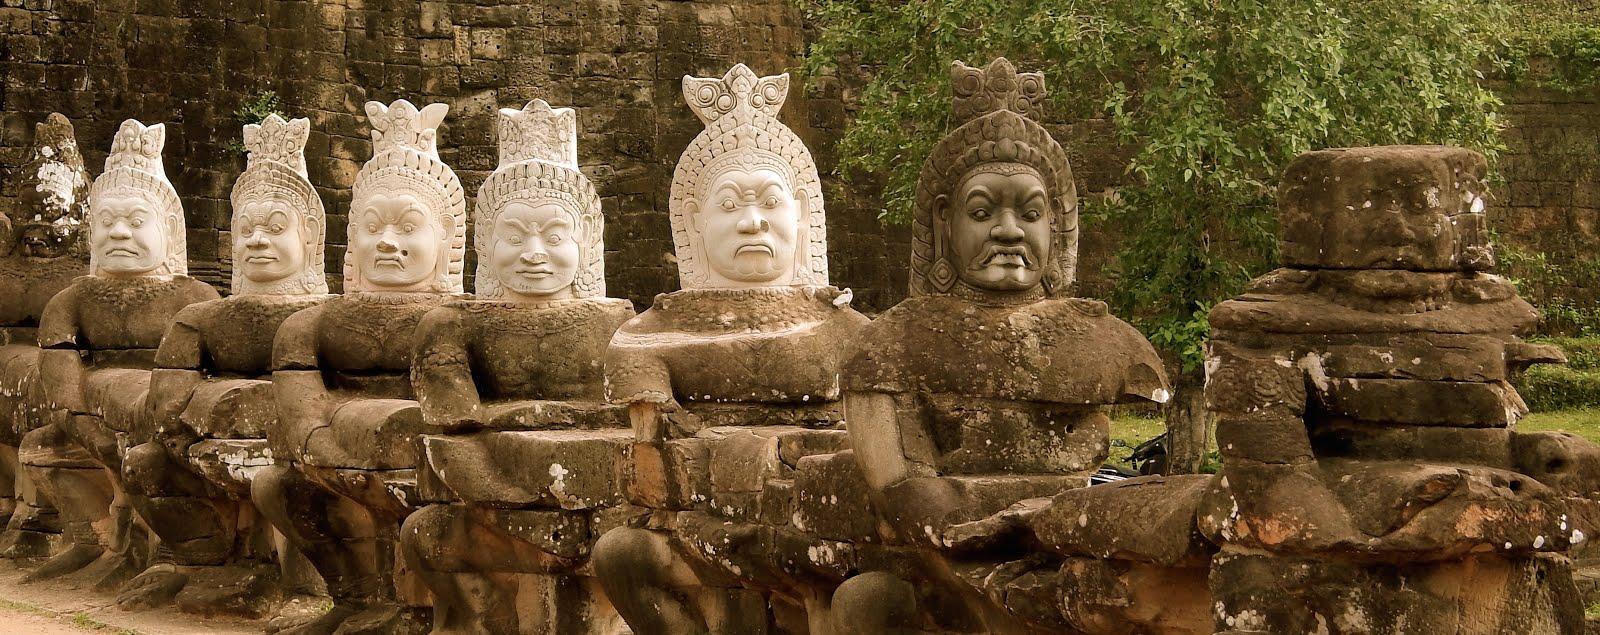 Faces of Bayon Temple, Cambodia